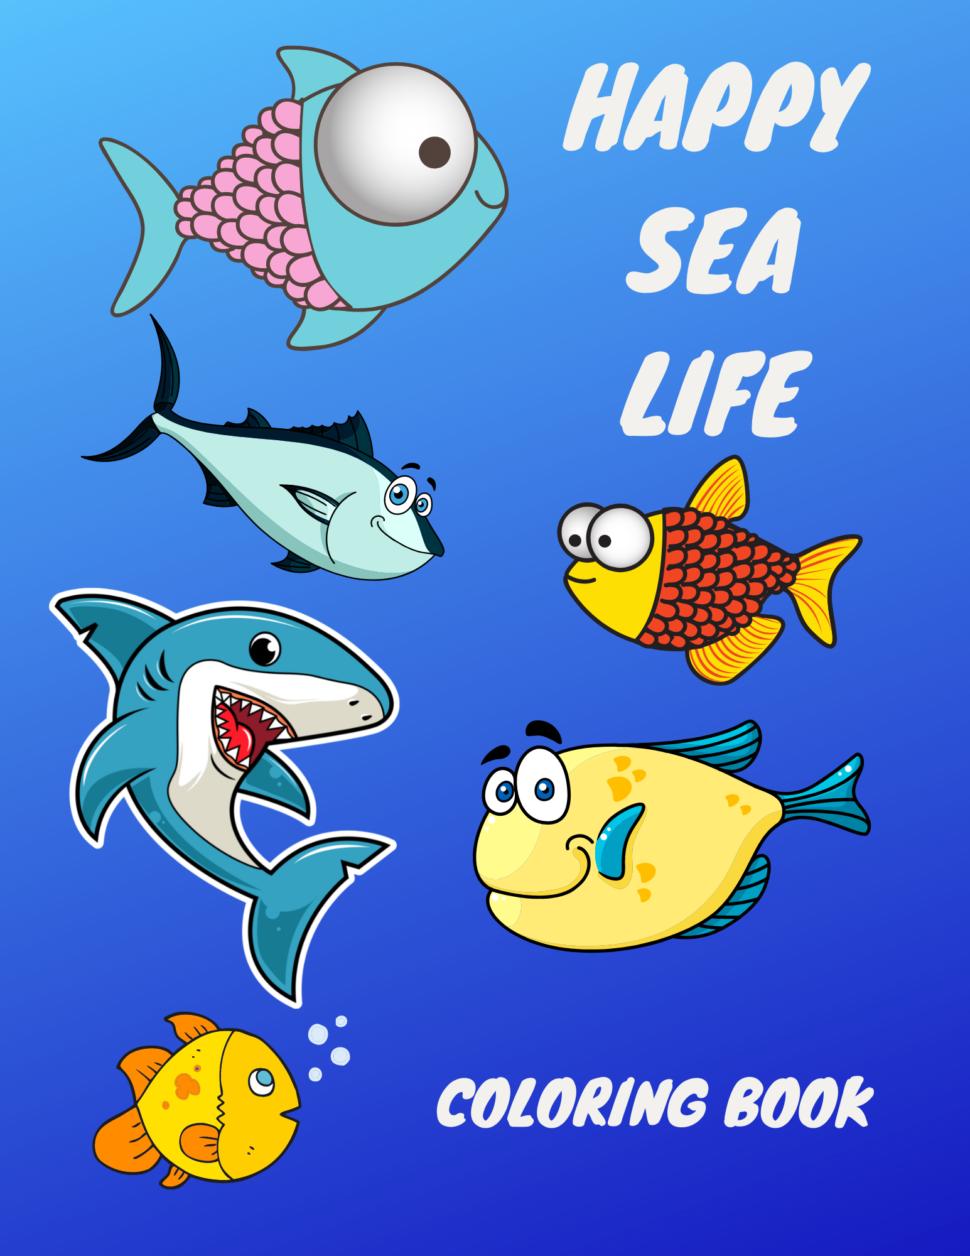 Happy sea life coloring book